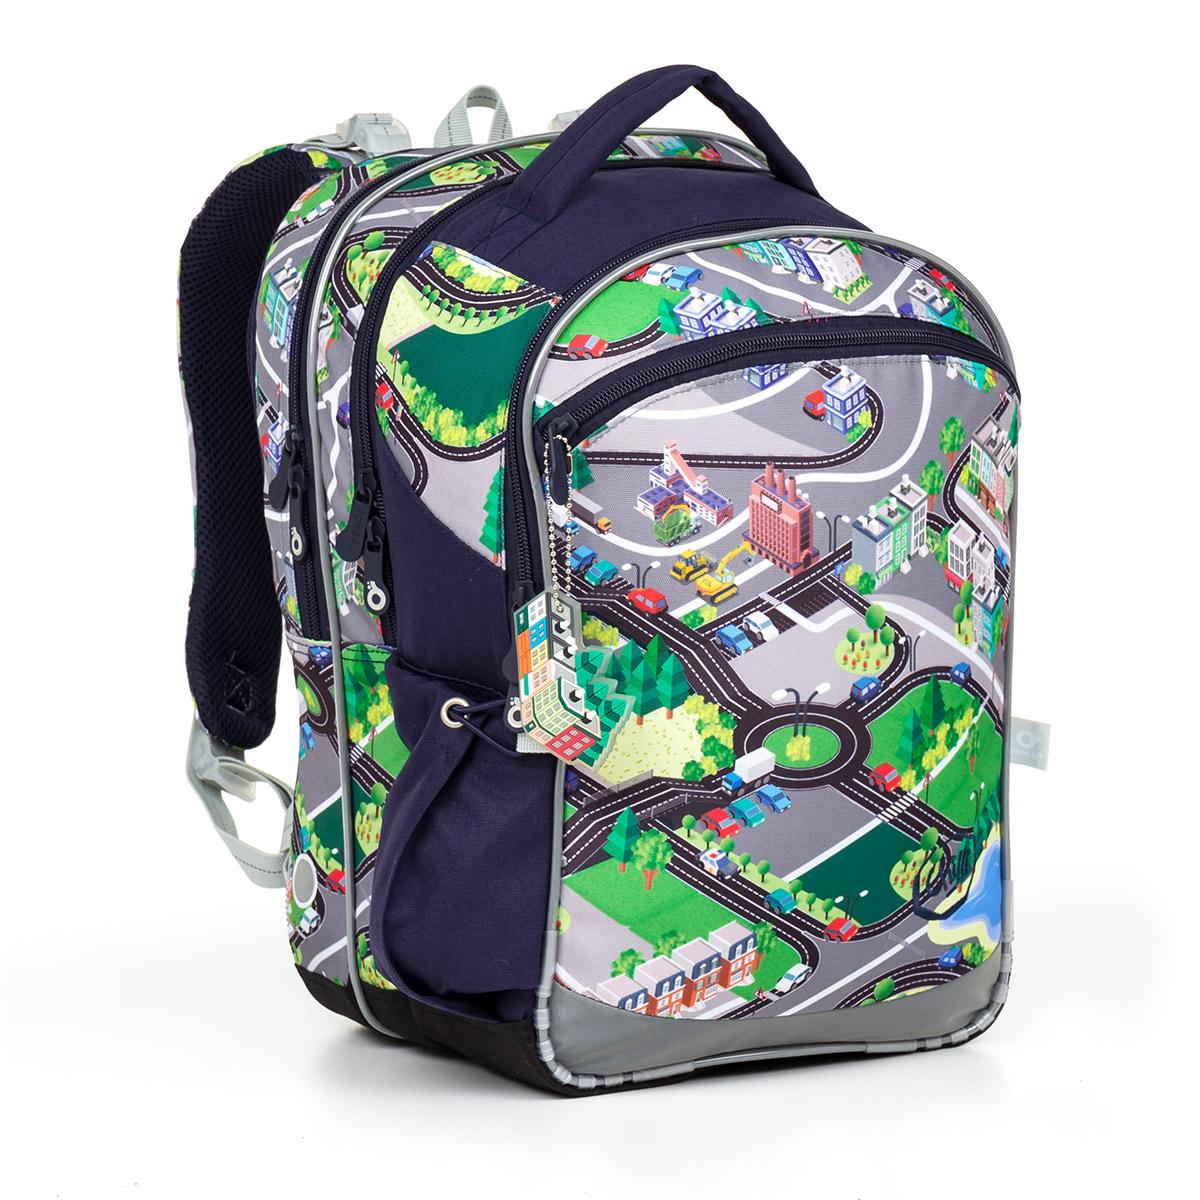 cd9c5fd72b7 Tříkomorový školní batoh pro kluky s mapou města Topgal COCO 17001